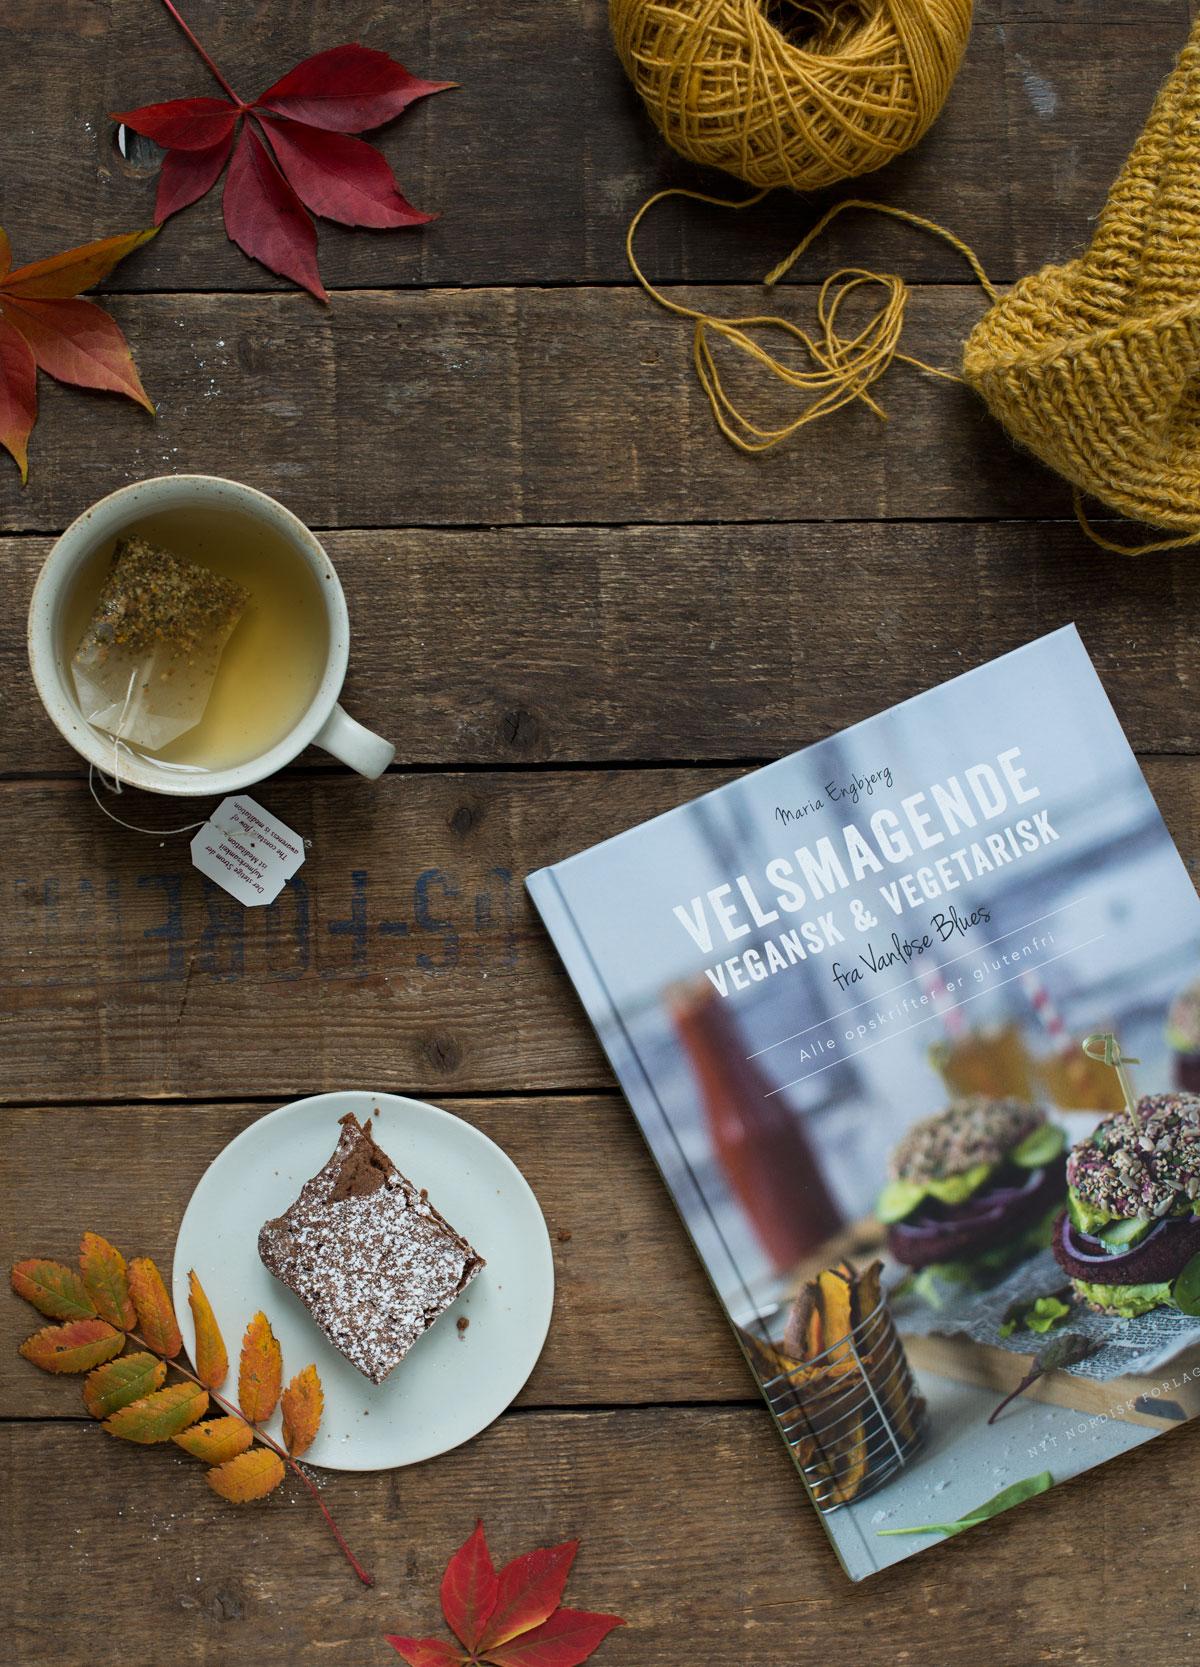 Bæredygtige julegaver til en foodie | Frk. Kræsen